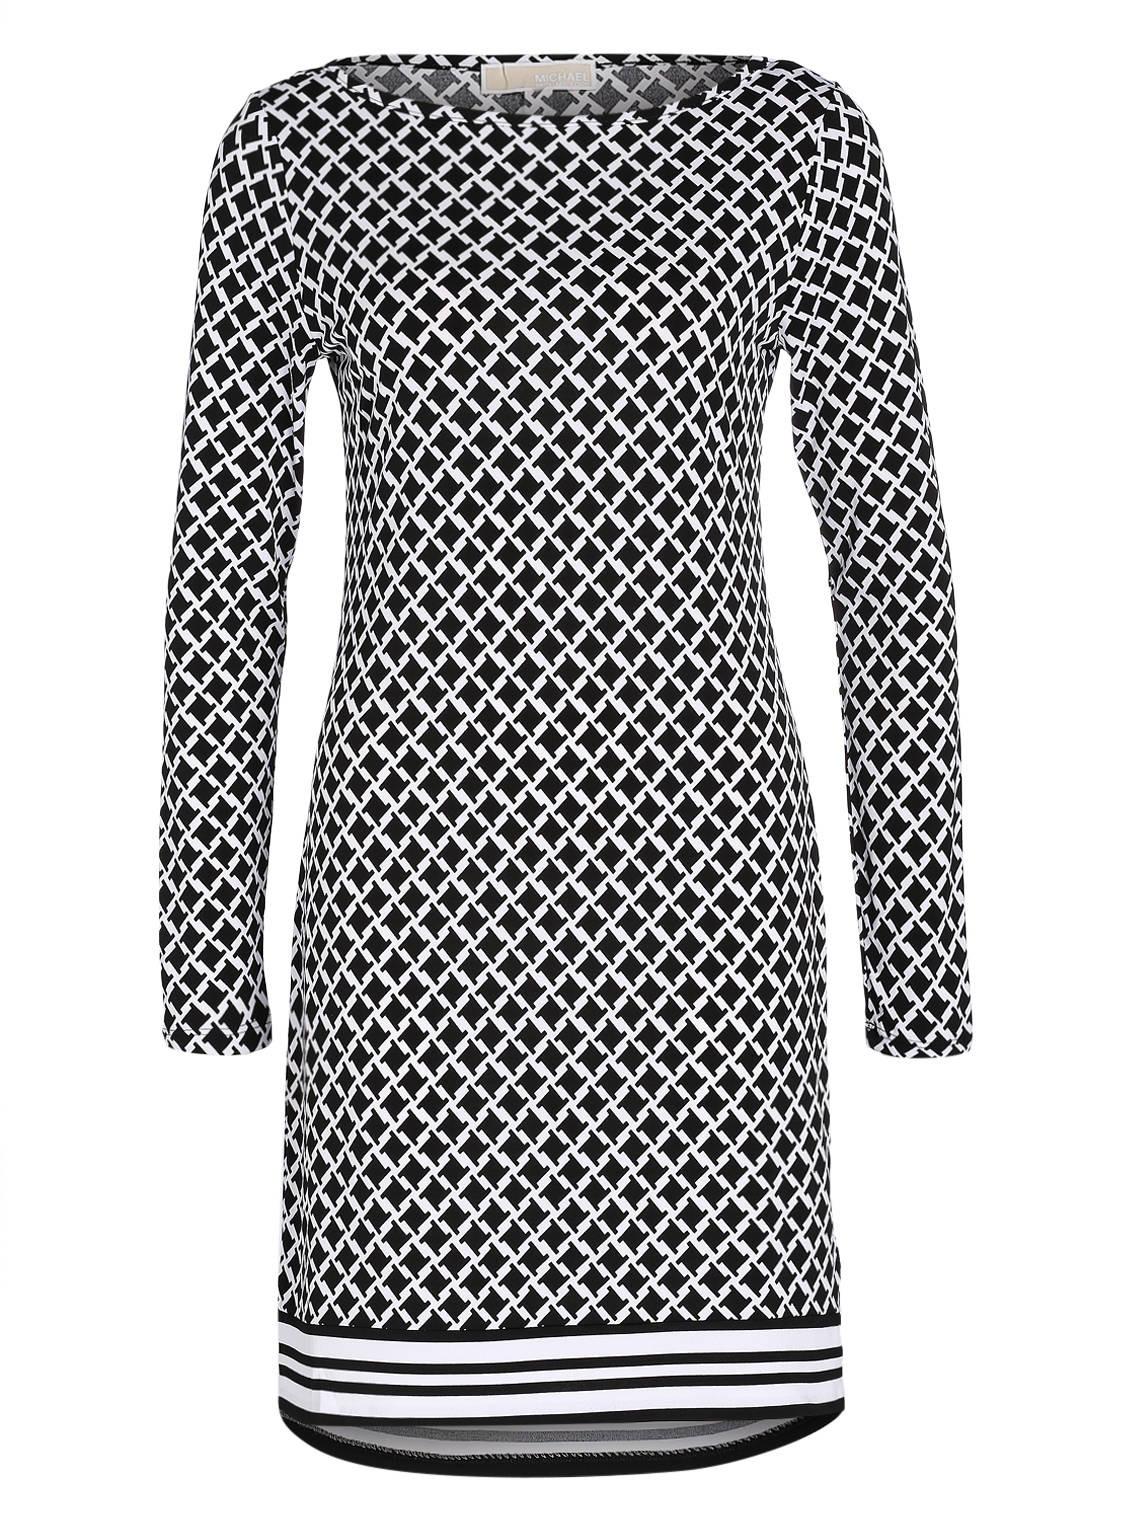 Designer Perfekt Damen Kleider Schwarz Weiß Boutique Wunderbar Damen Kleider Schwarz Weiß Galerie